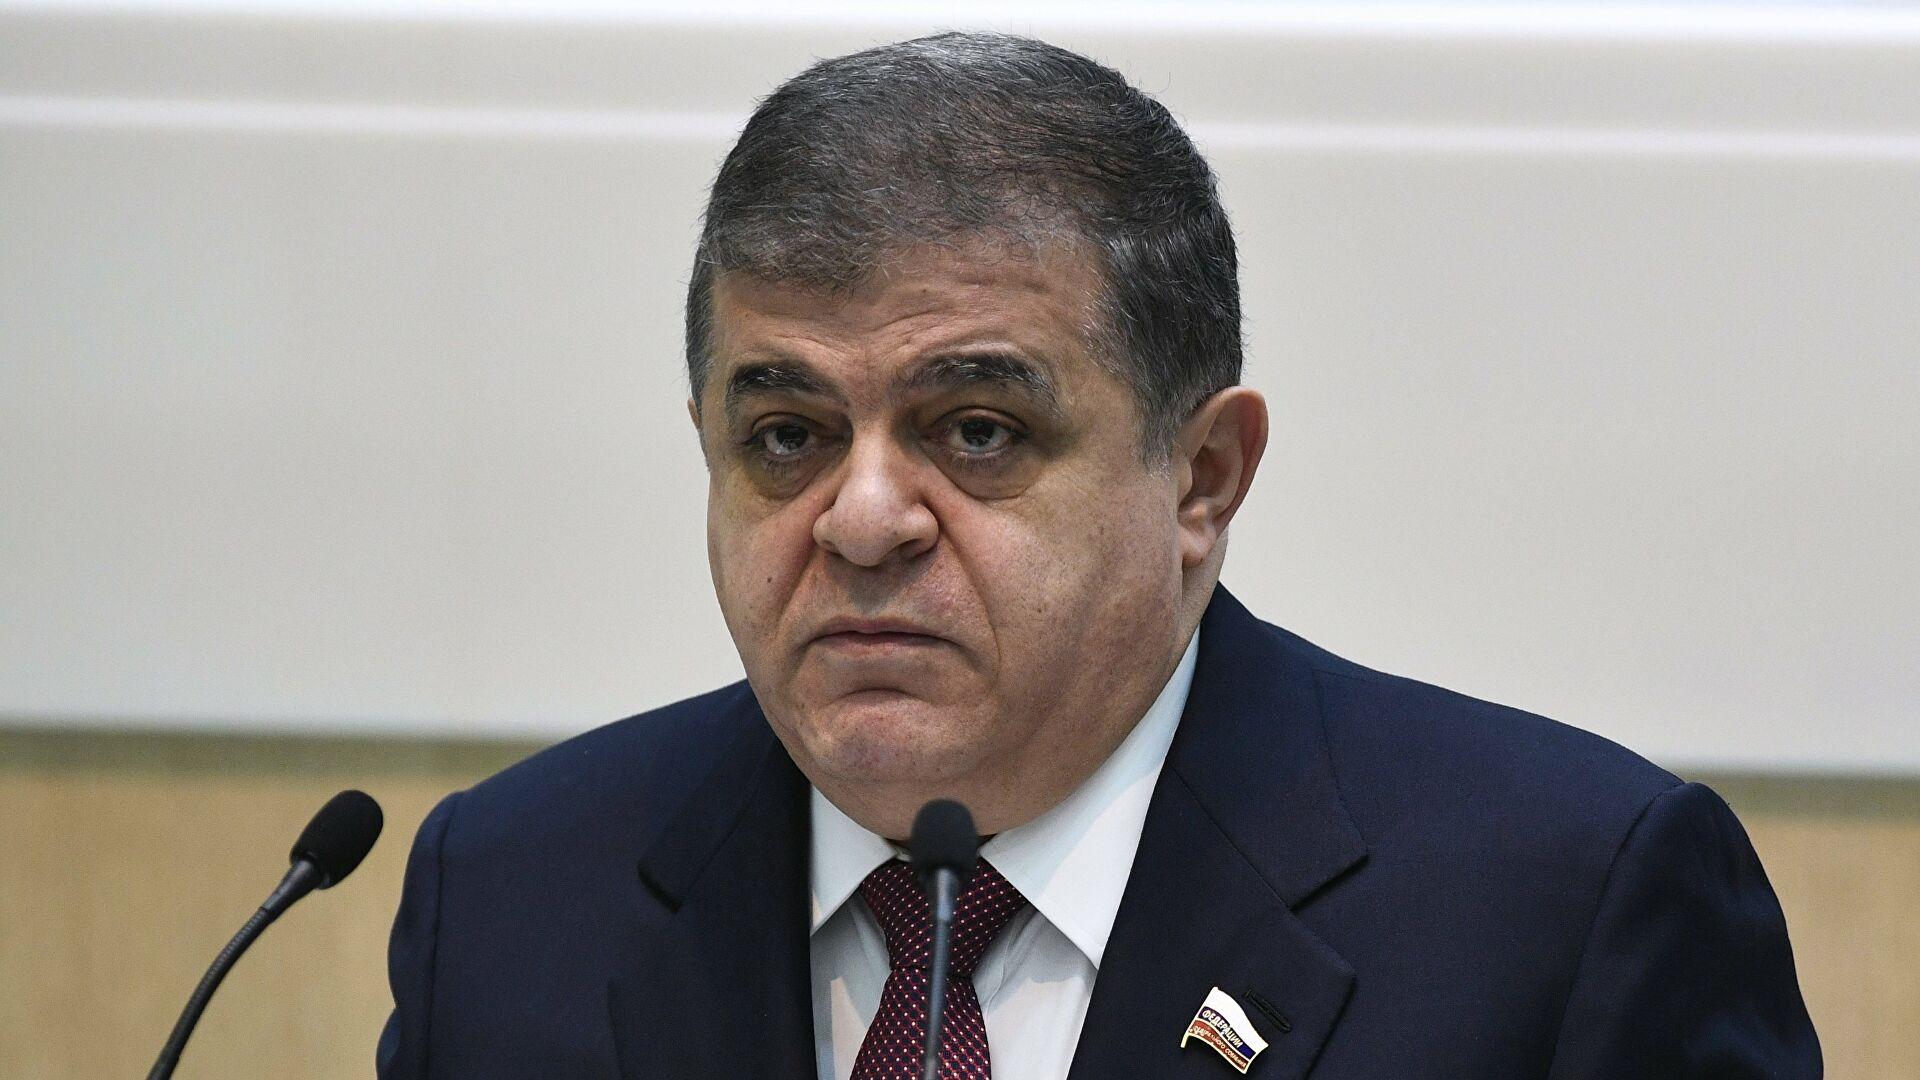 Џабаров: Могуће потписивање нових споразума на пољу разоружања између Русије и САД-а